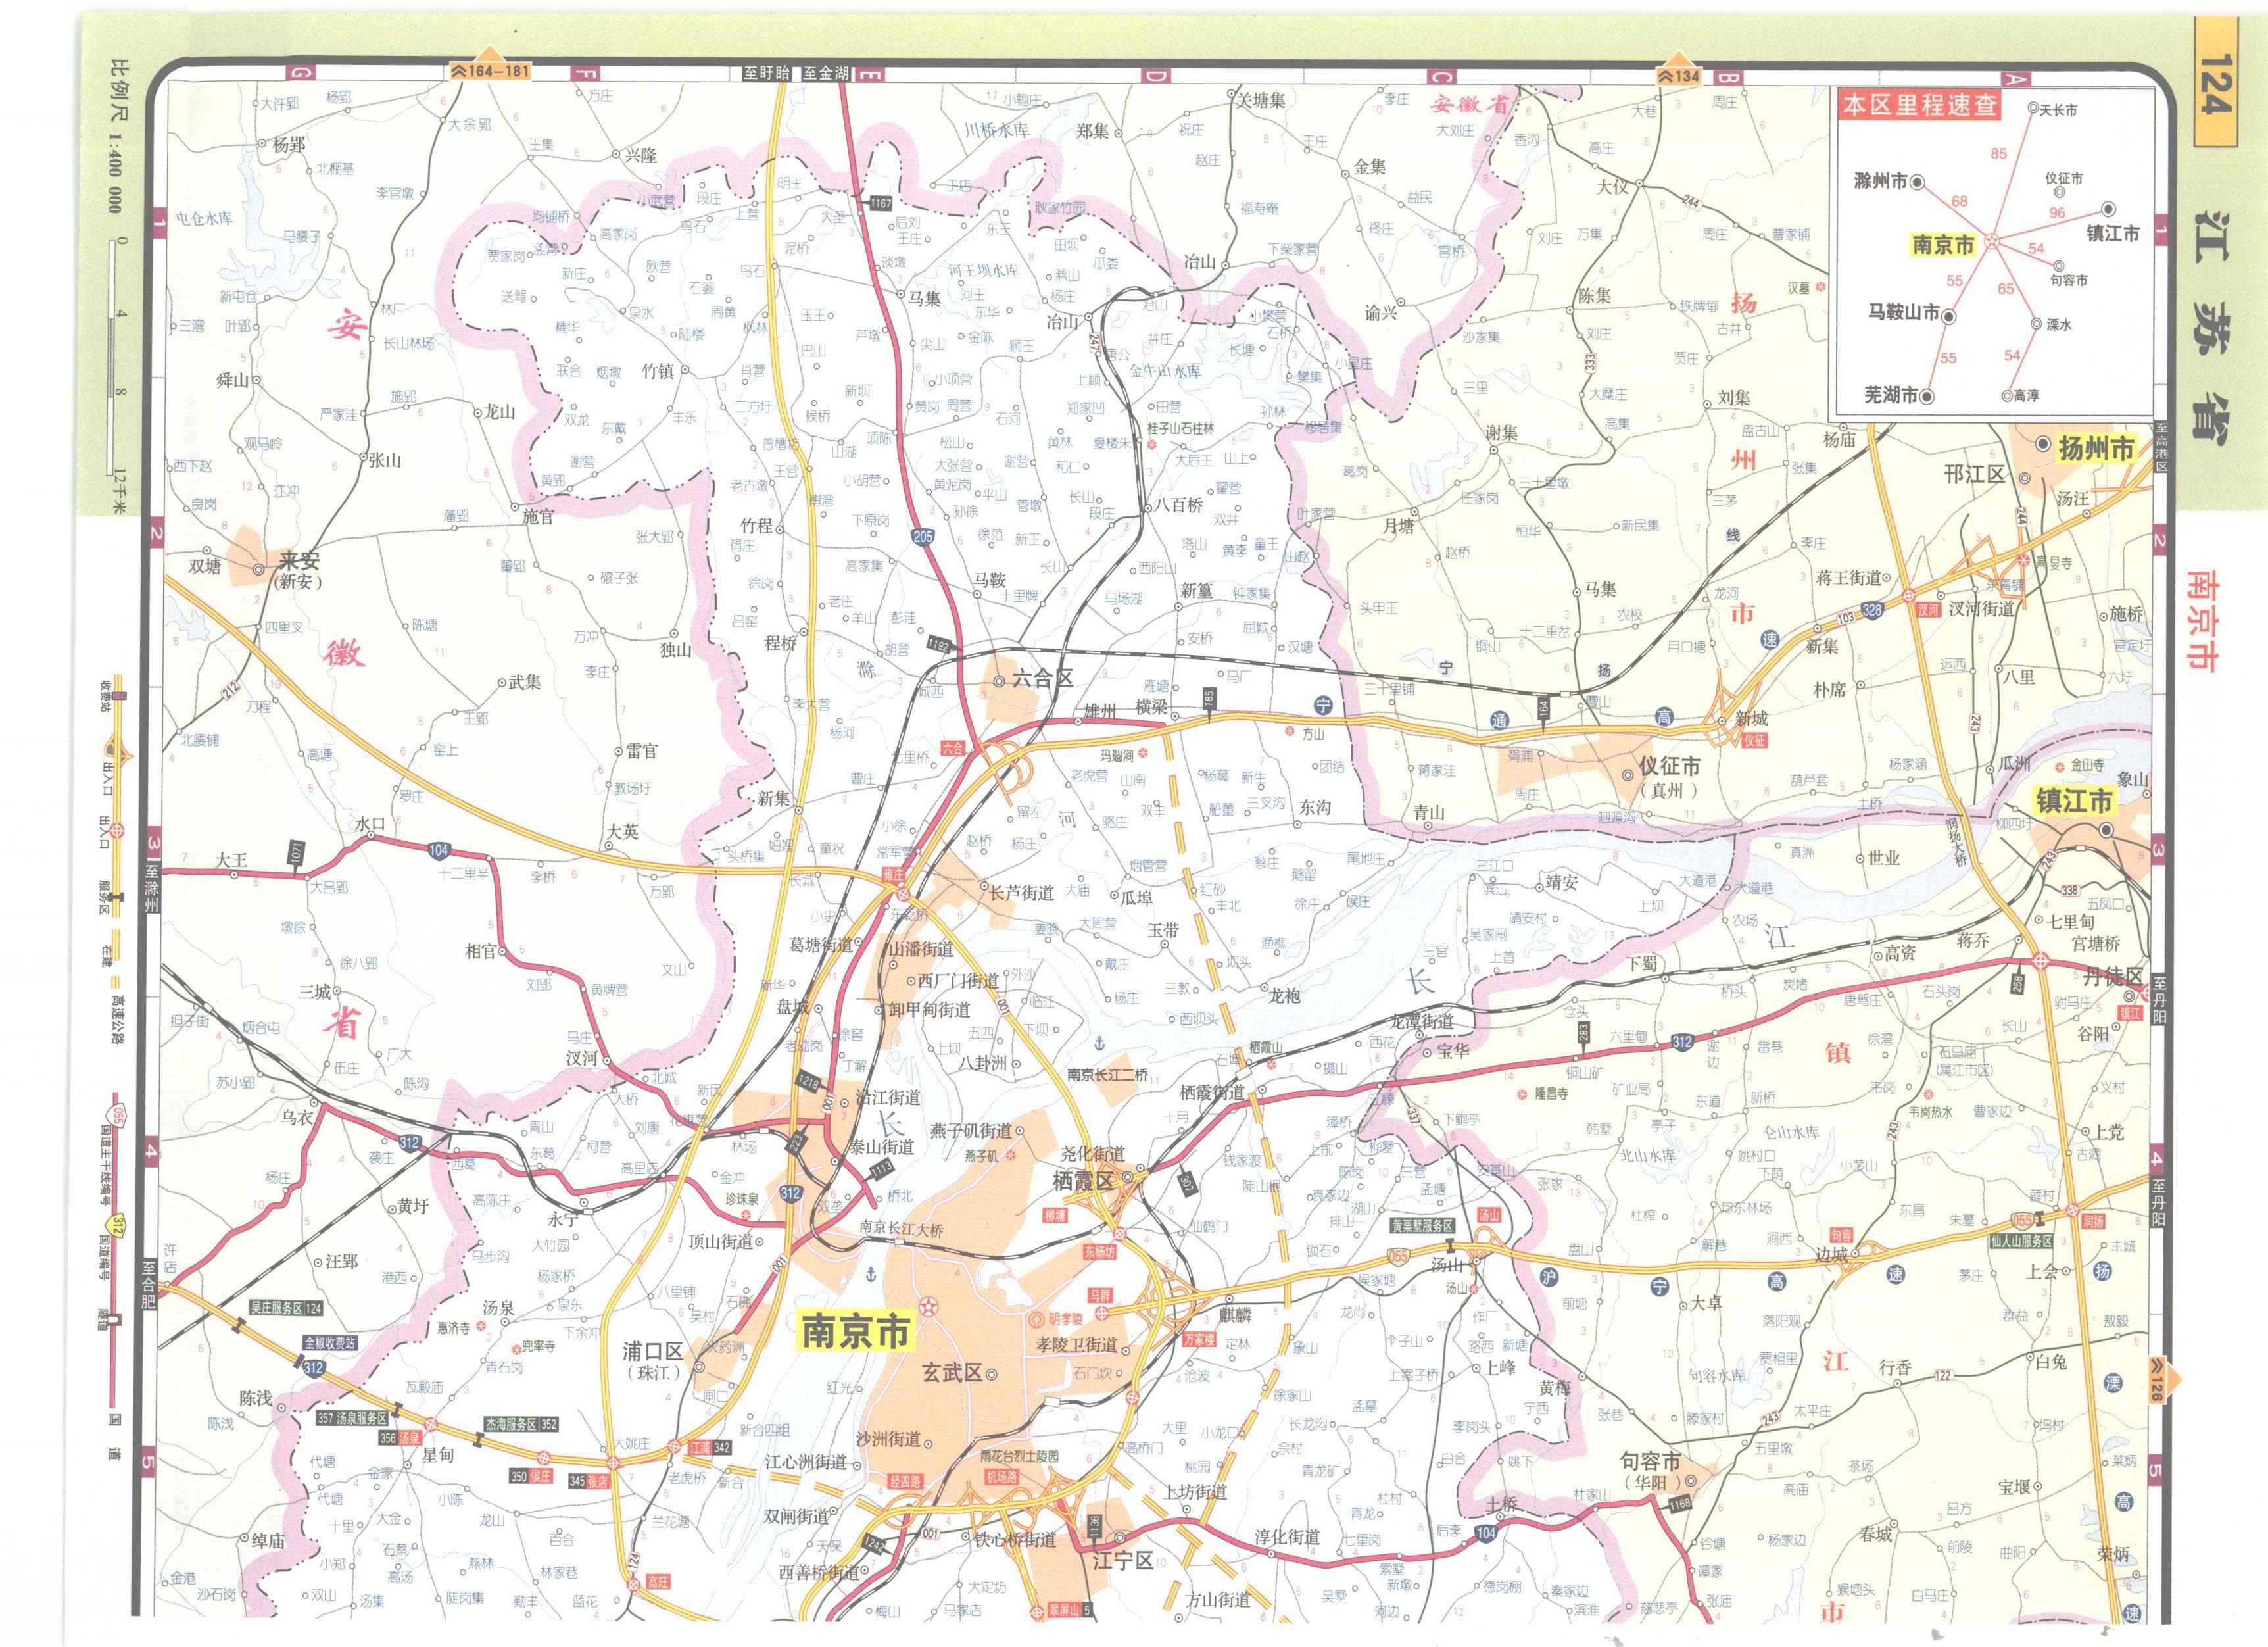 江苏省高速公路地图分享展示